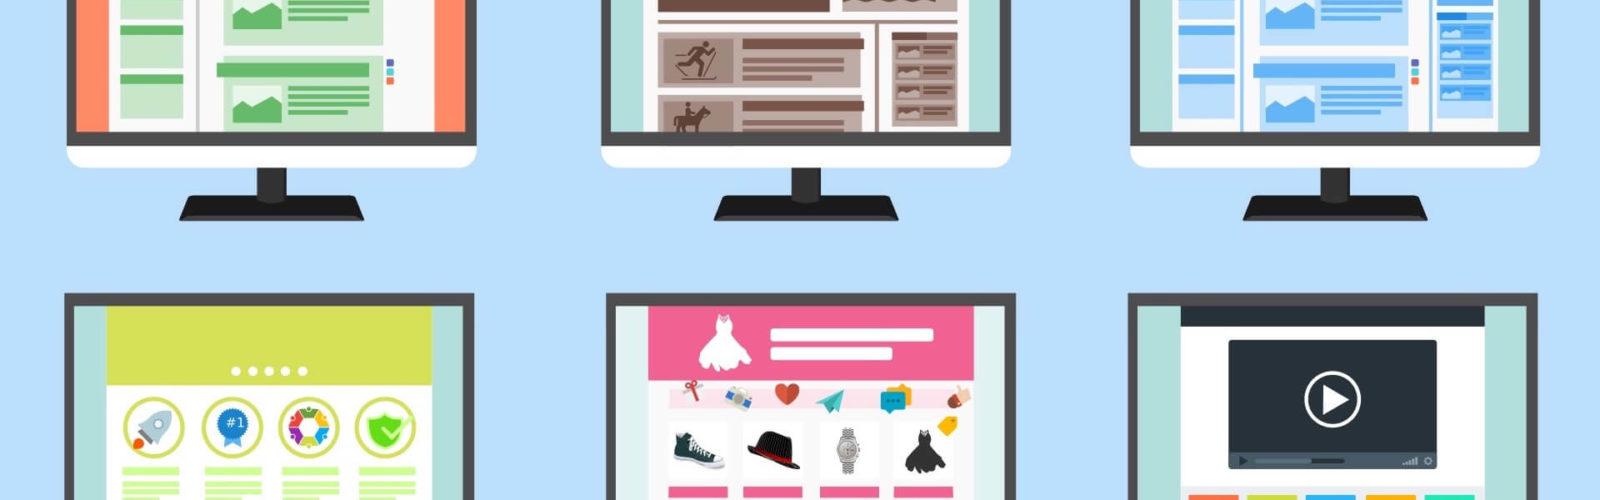 Infos zum Angebot WordPress Kurse für Anfänger